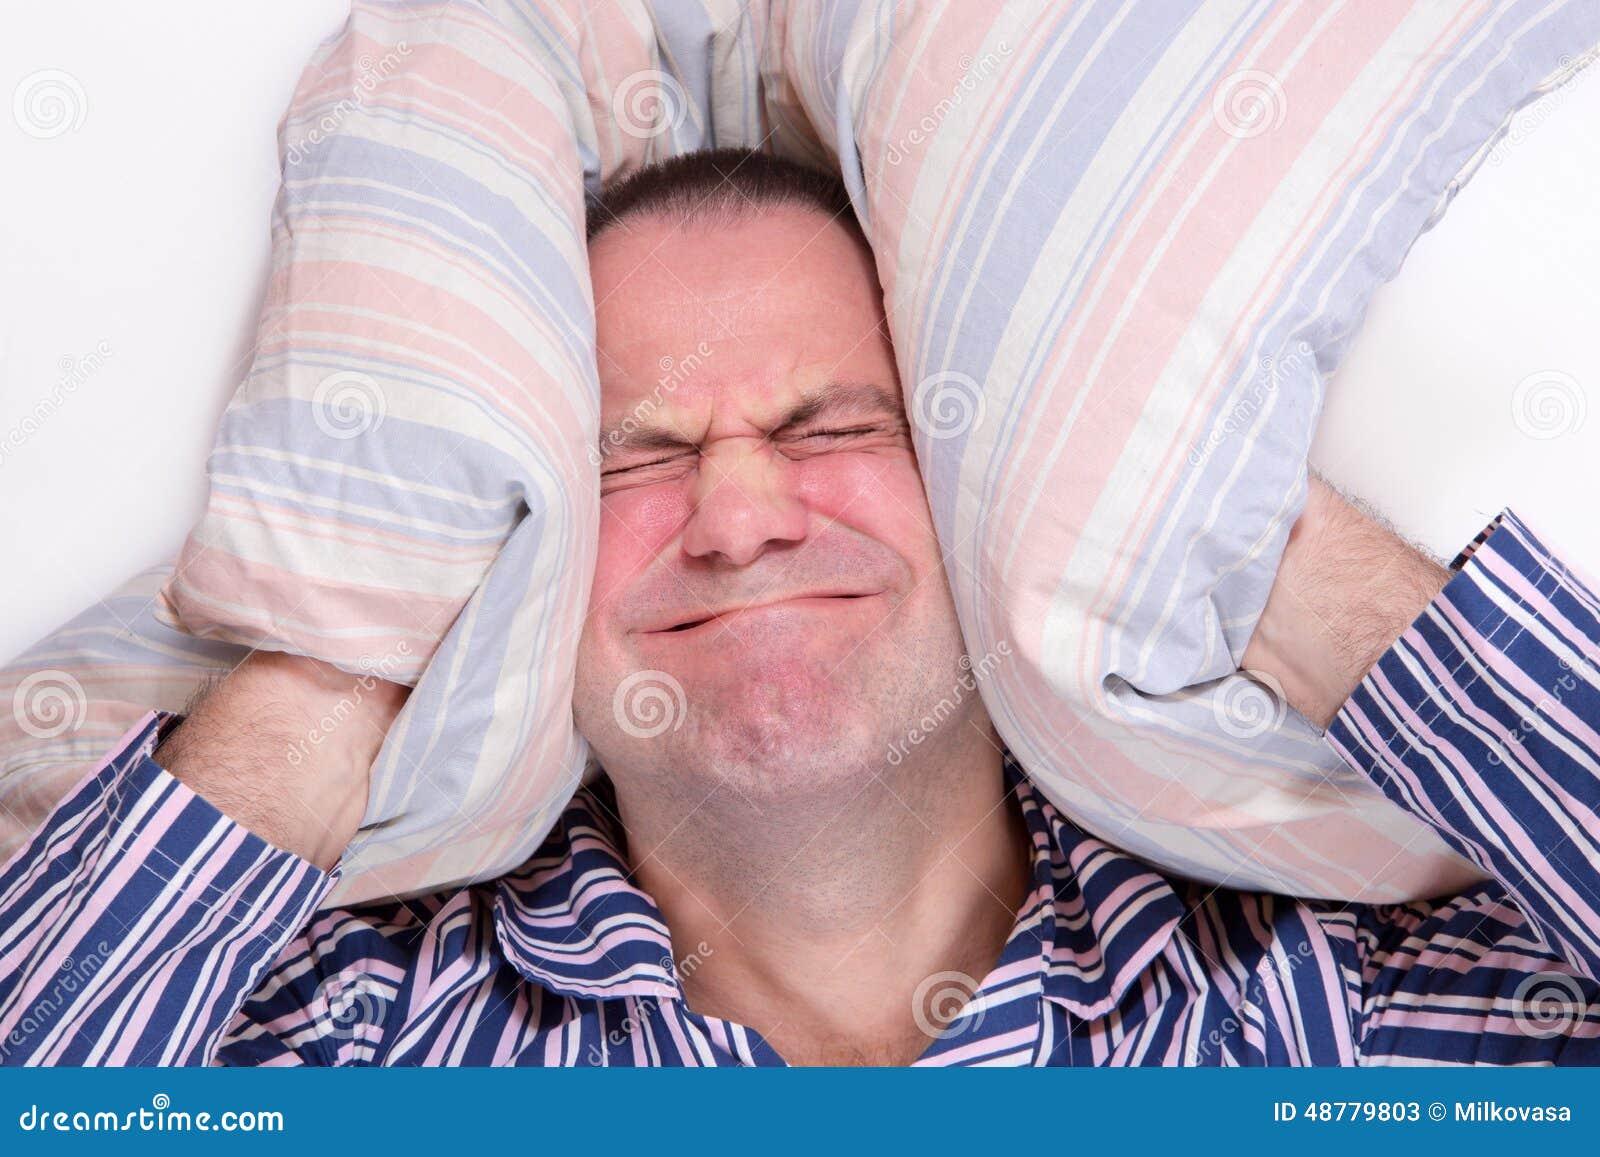 Sfrustowany mężczyzna w łóżku